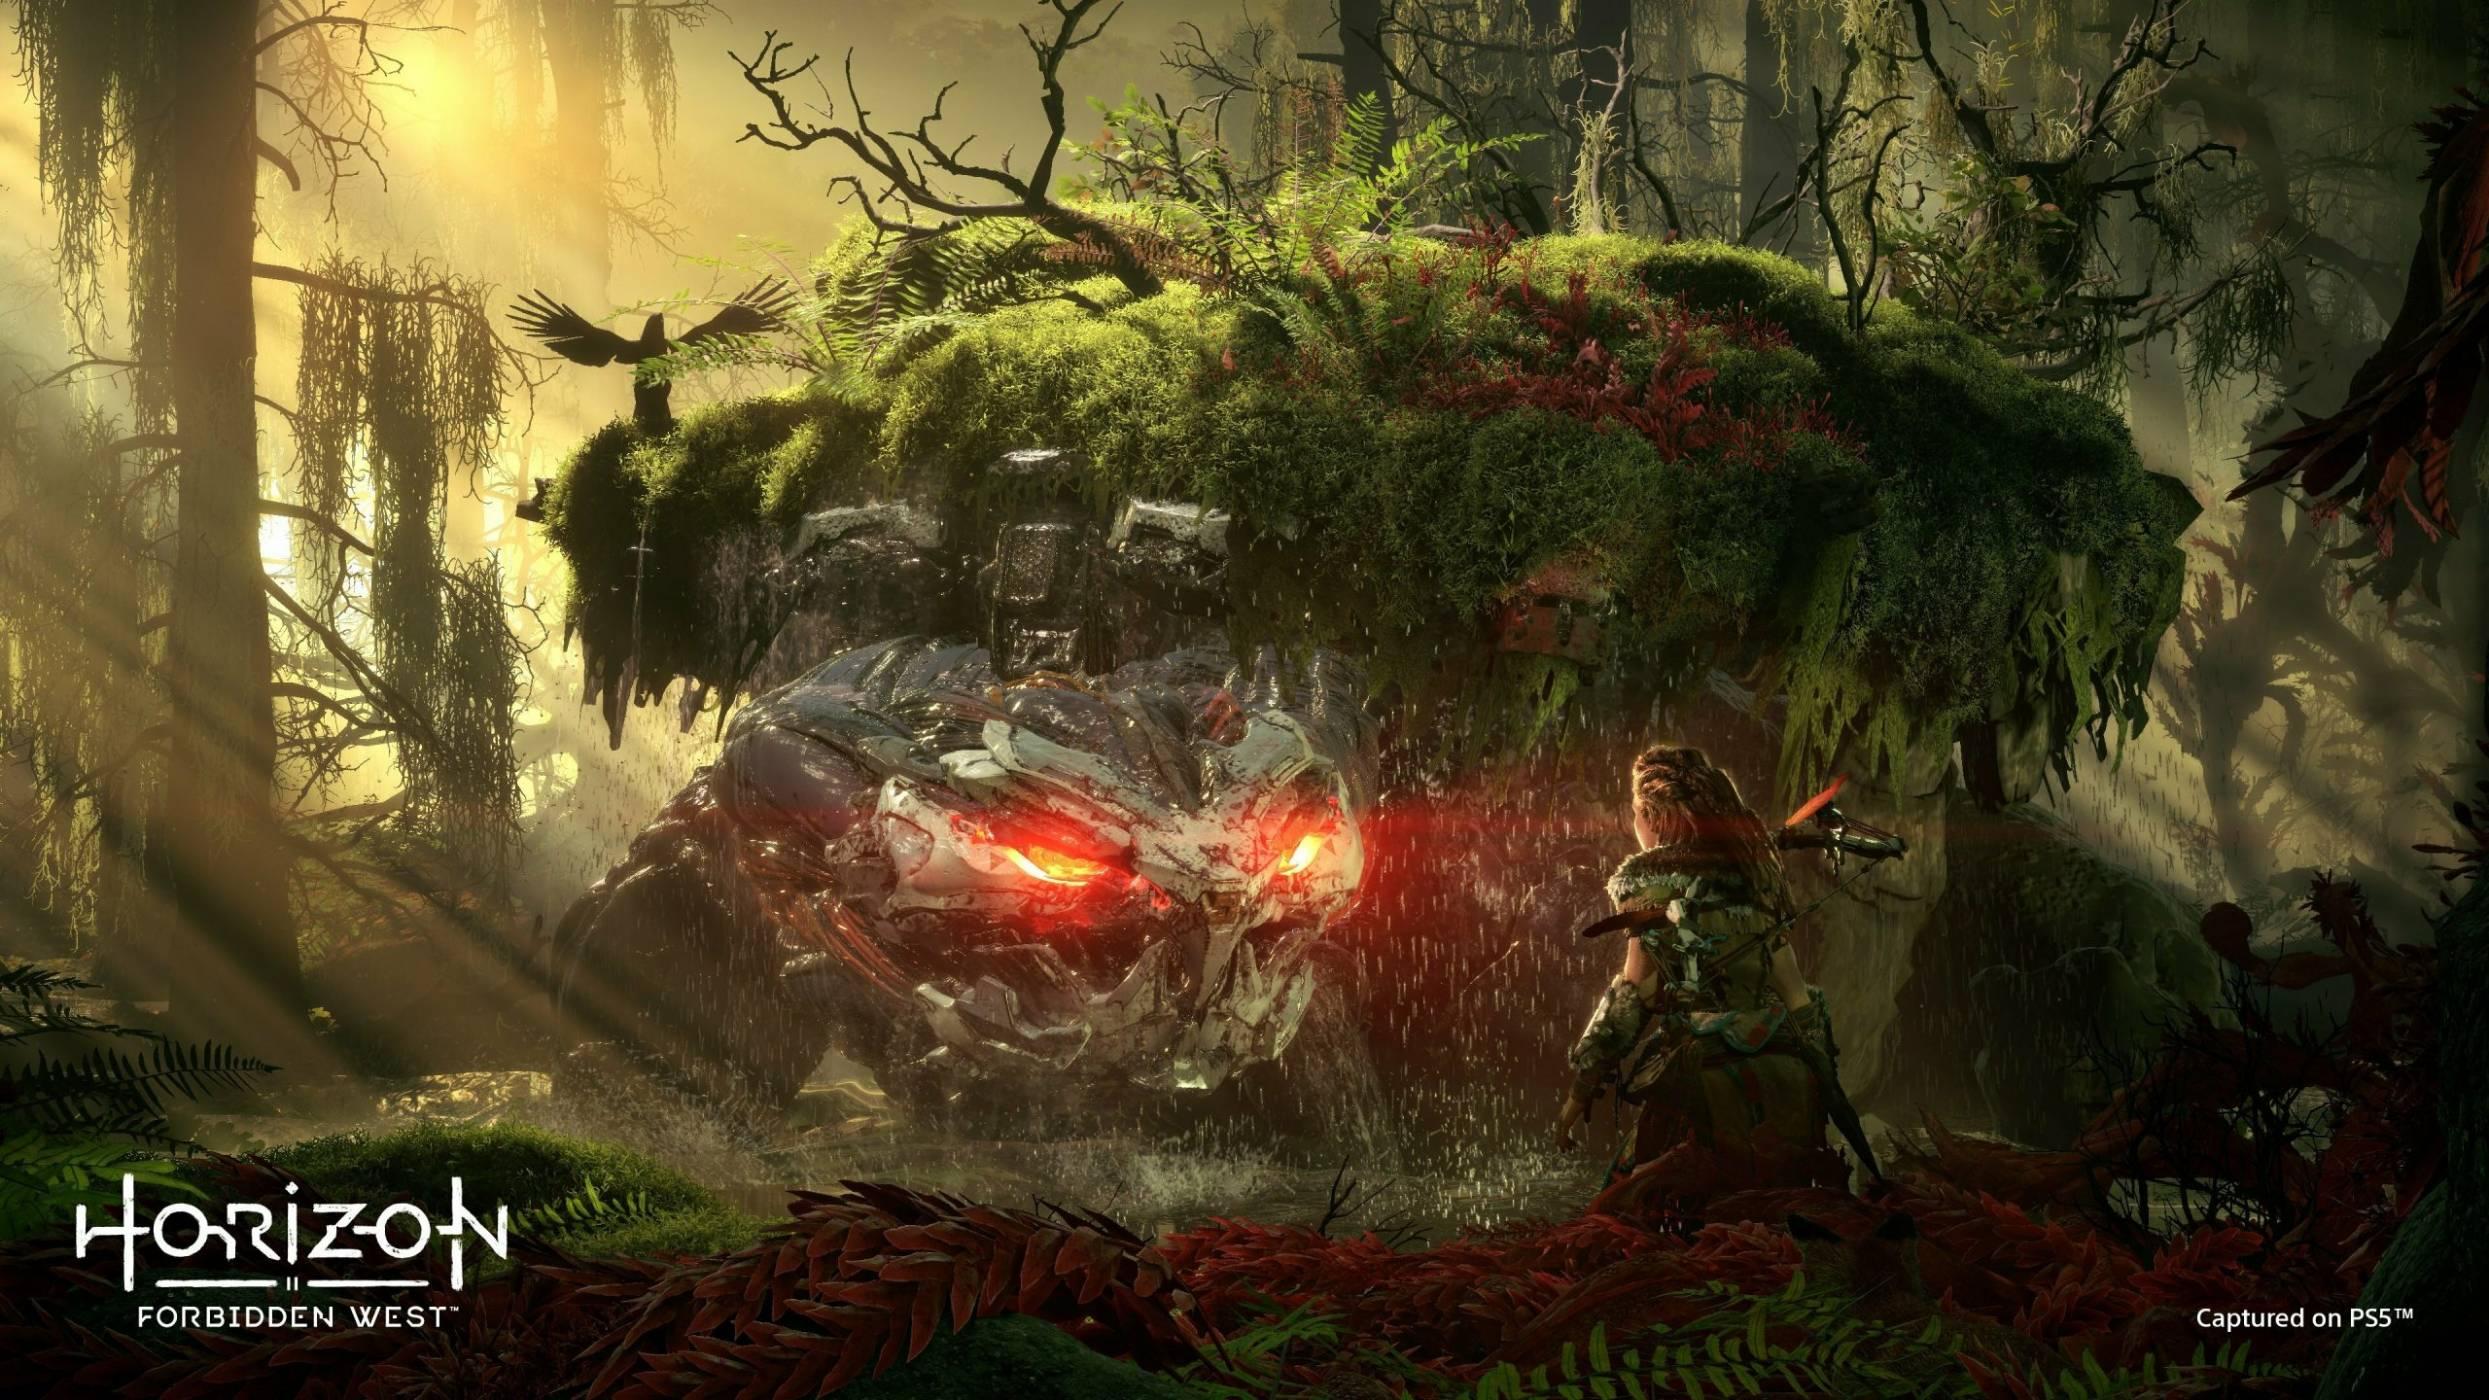 PlayStation 5 ексклузивът Horizon Forbidden West няма да има зареждащи екрани (4K ВИДЕО)